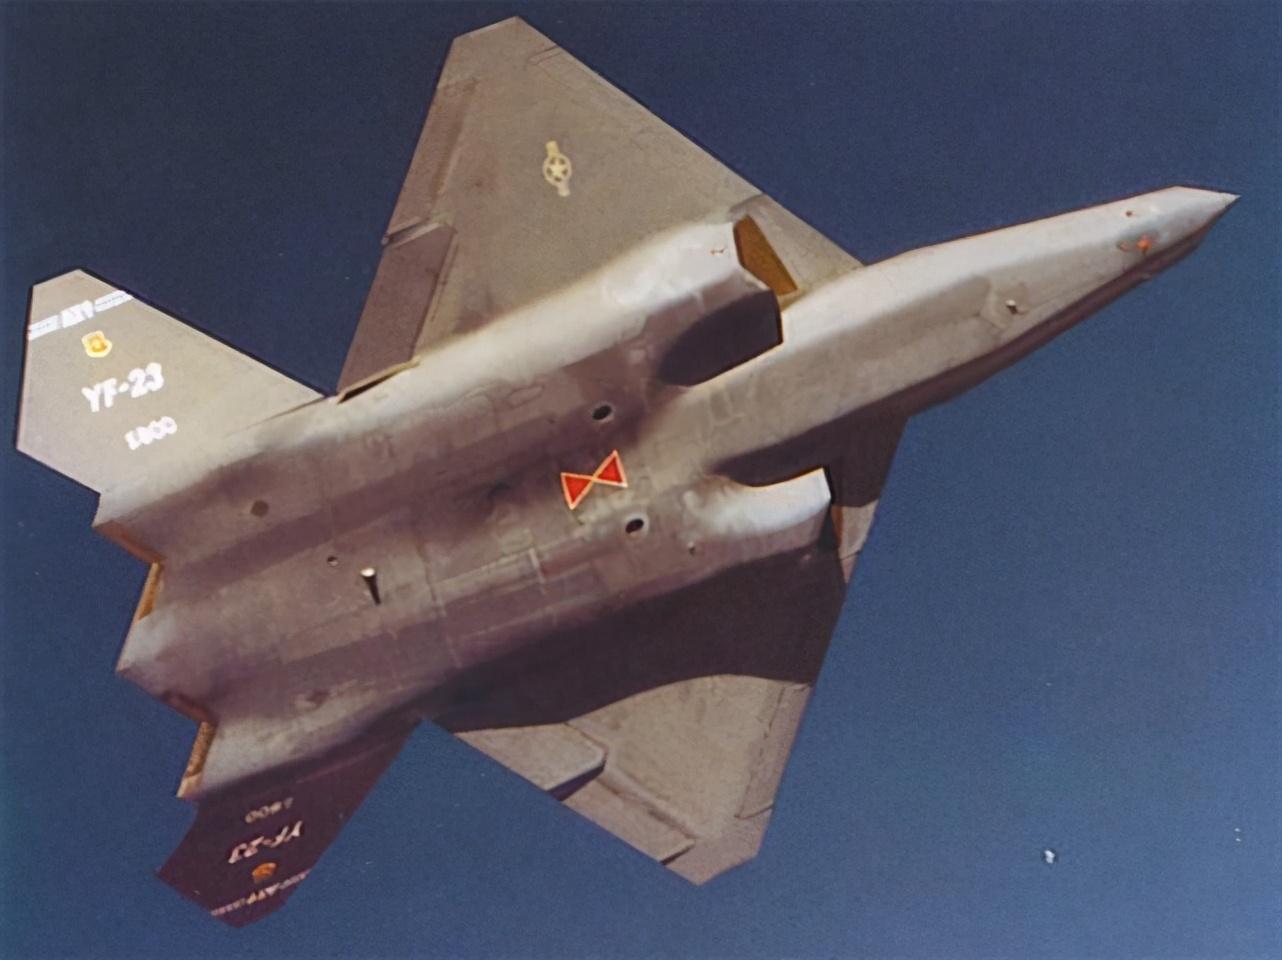 比F22还科幻!美军当年为何错过F23?只因关键设计太糟糕